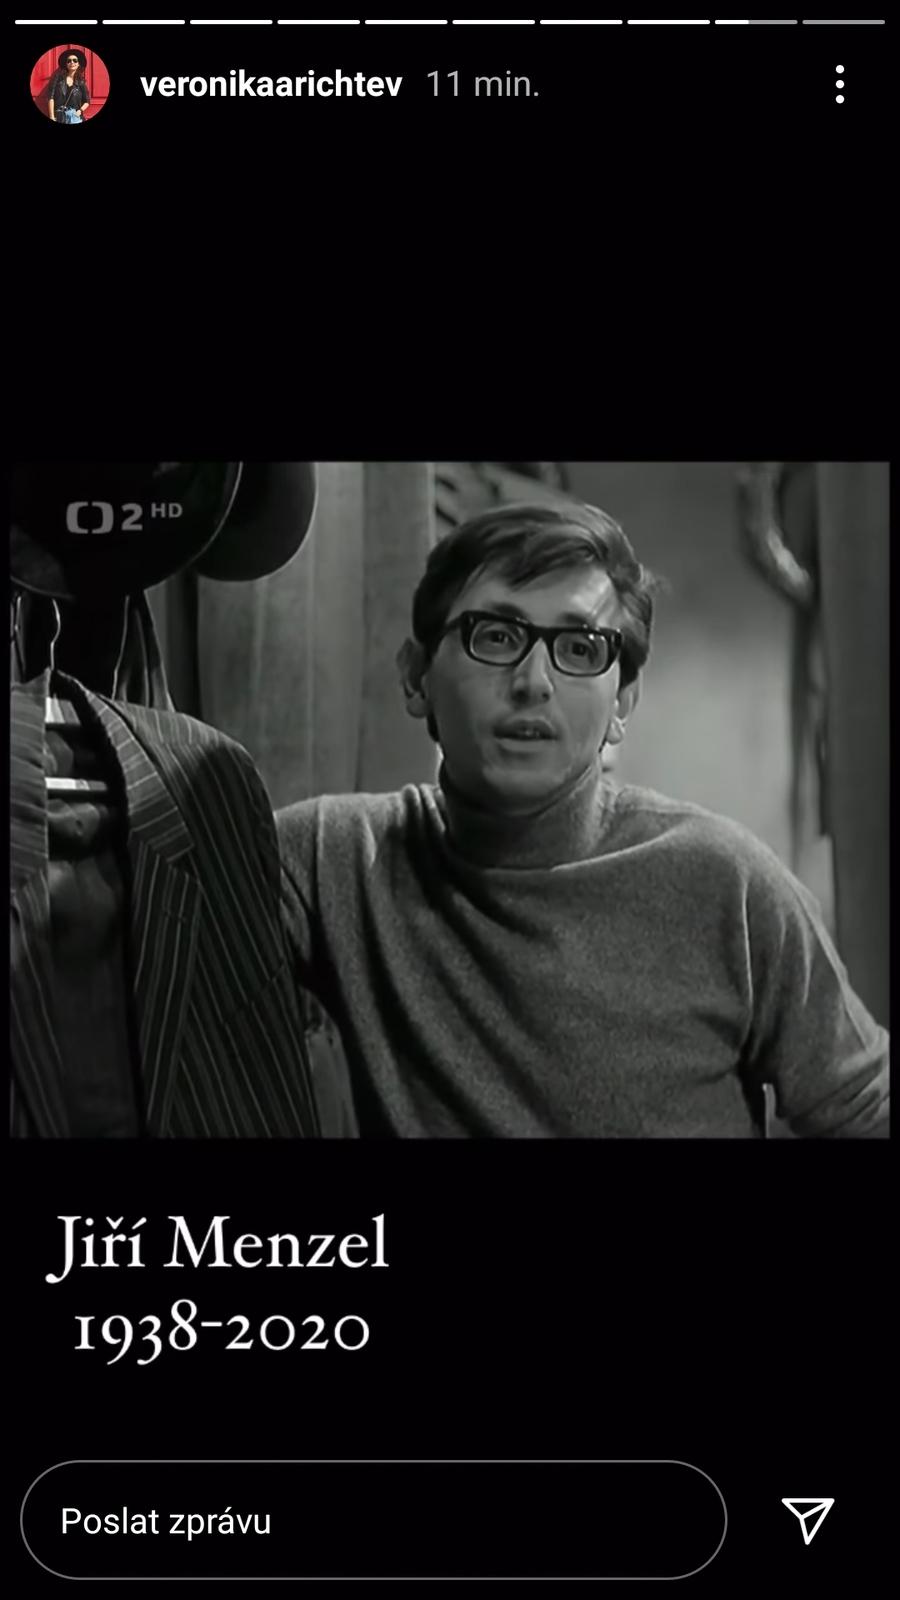 Vzpomínkovým videem vzdala hold zesnulému Jiřímu Menzelovi i Veronika Arichteva.